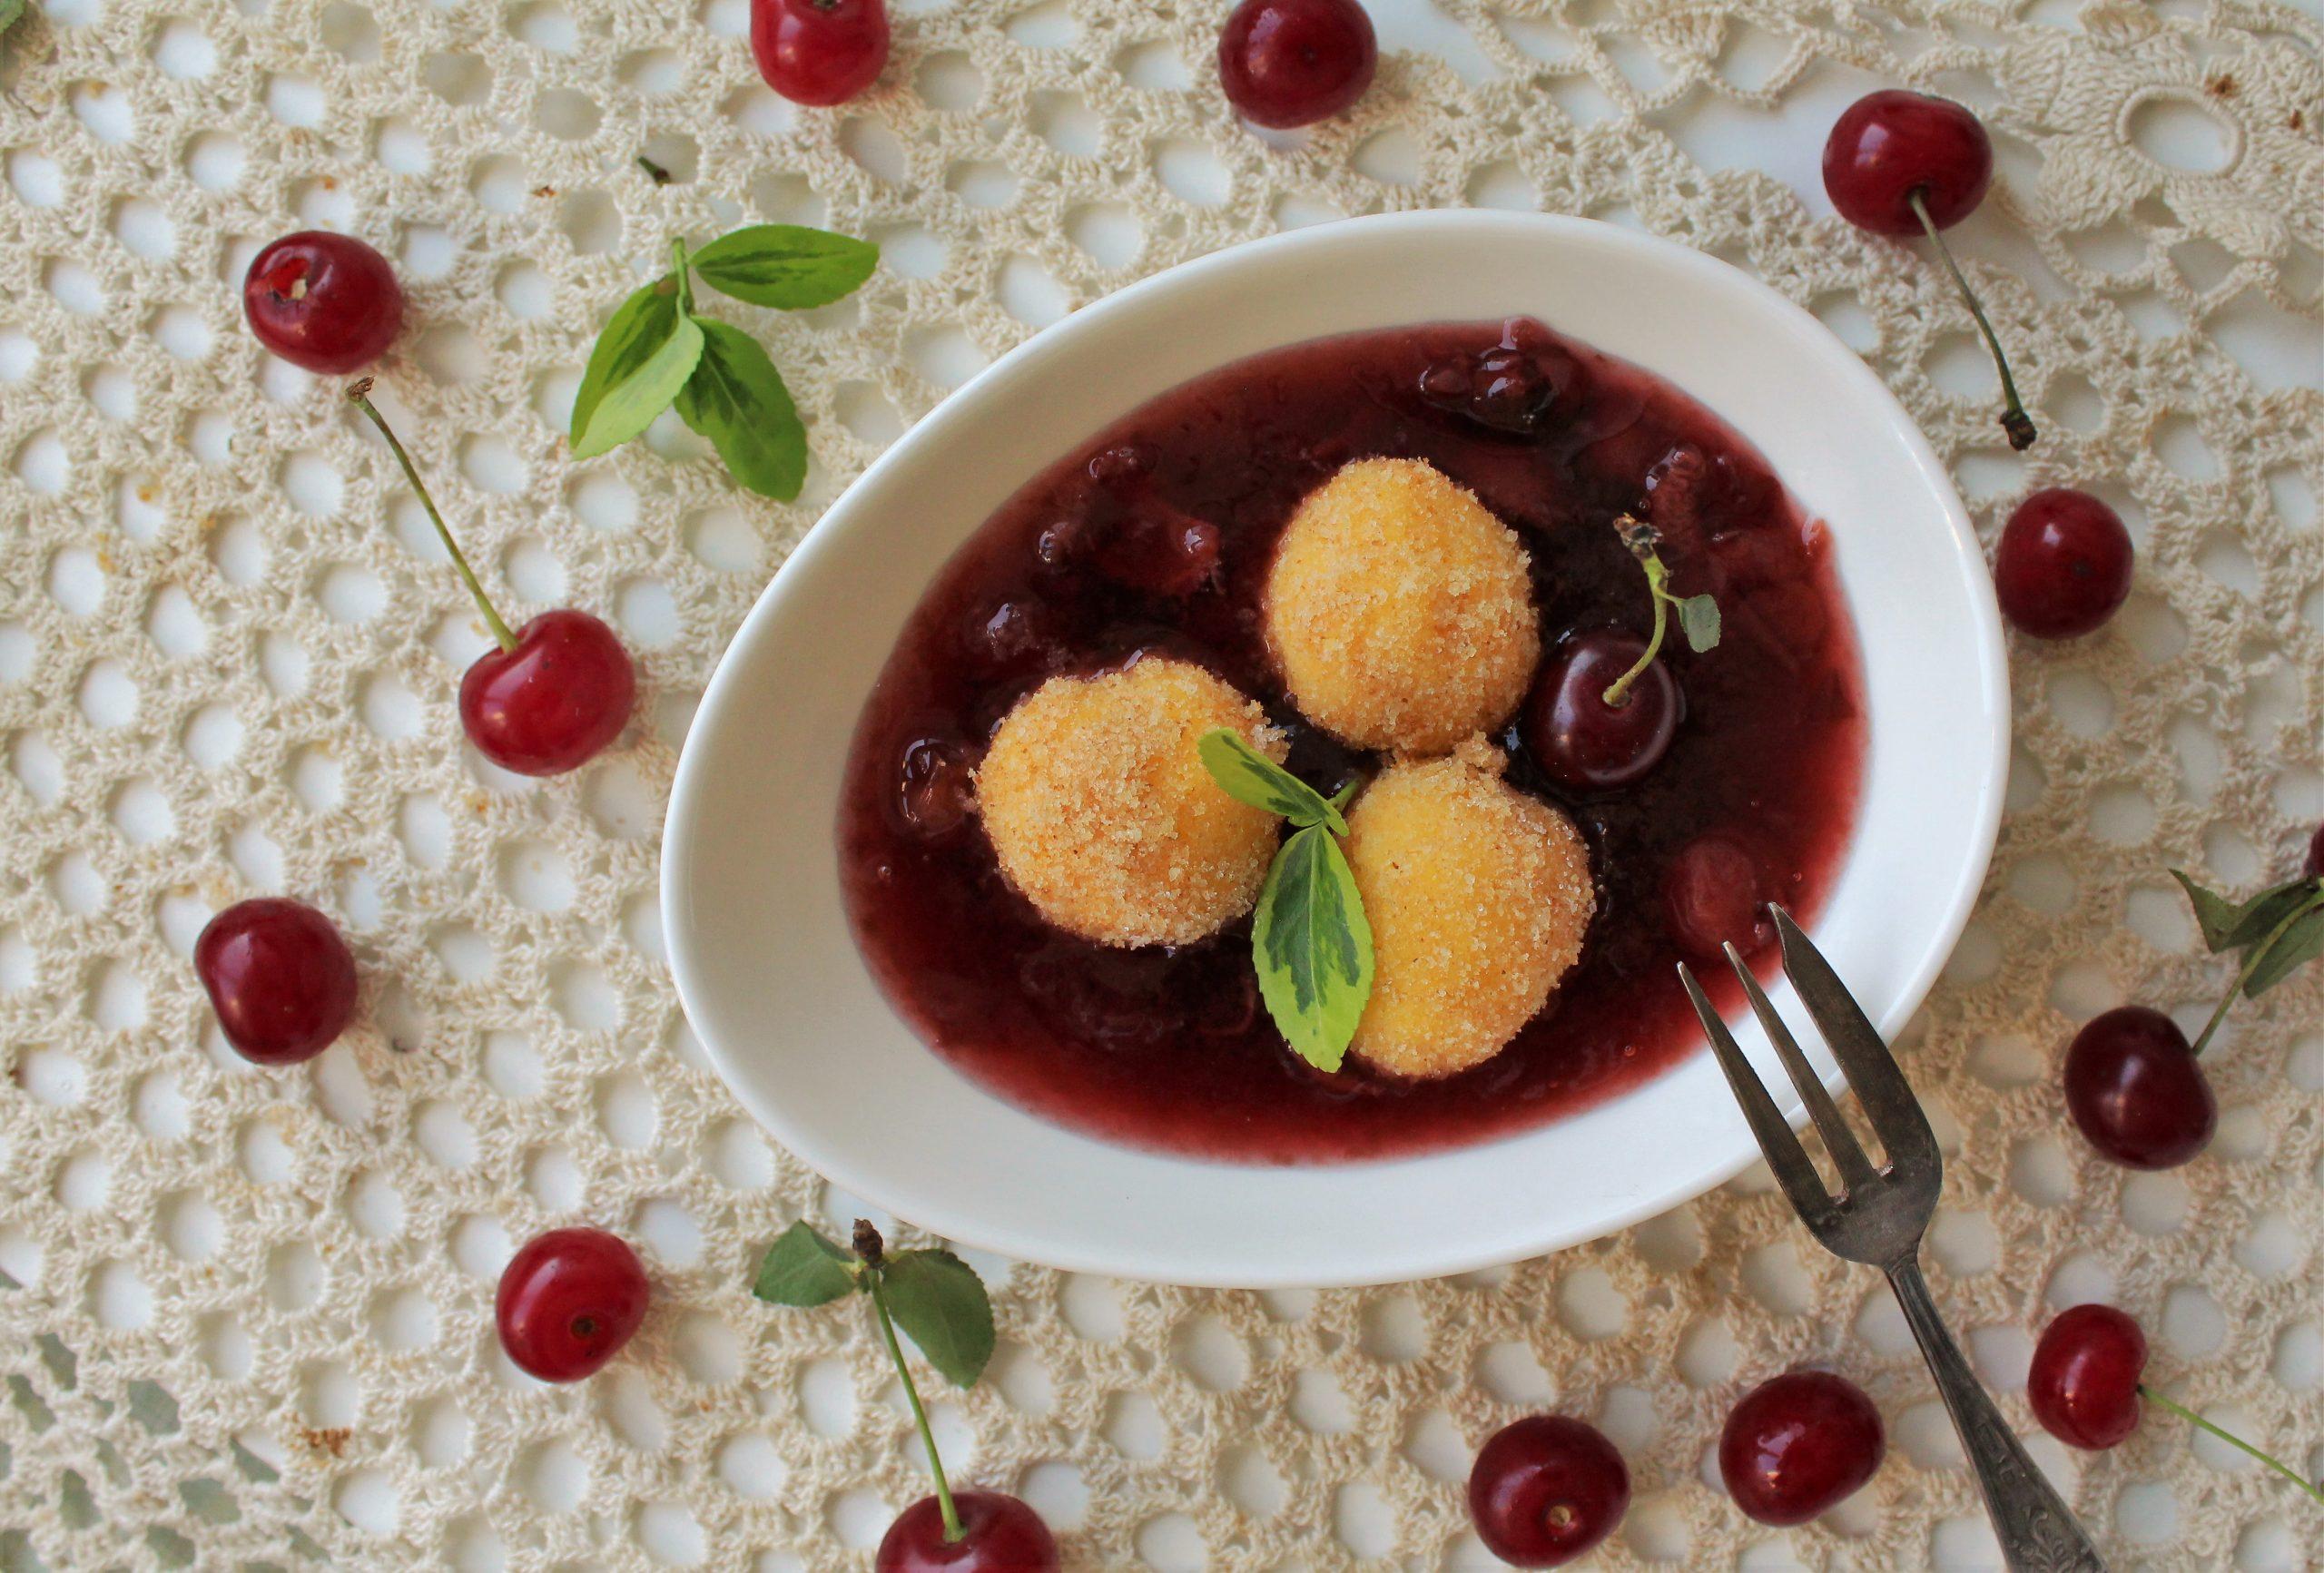 Recept nedelje: Mamaljuga knedle u sosu od višanja 2